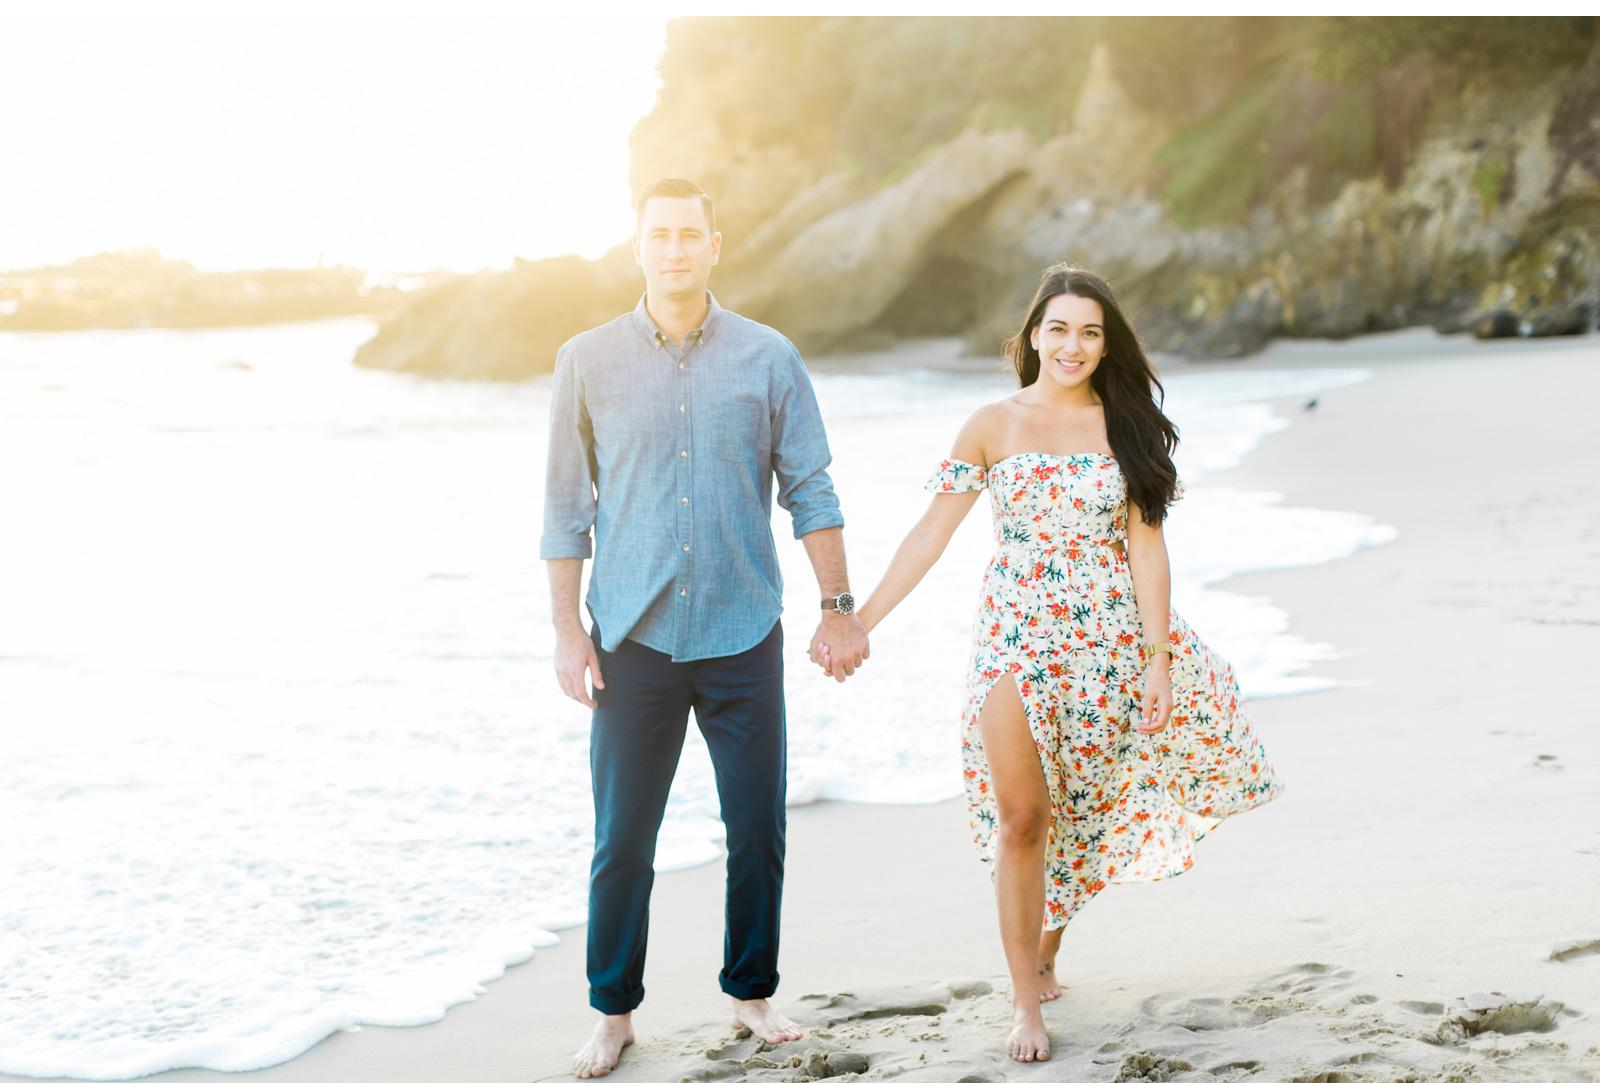 Pelican-Hill-Laguna-Beach-Wedding-Photographer-Natalie-Schutt-Photography_11.jpg